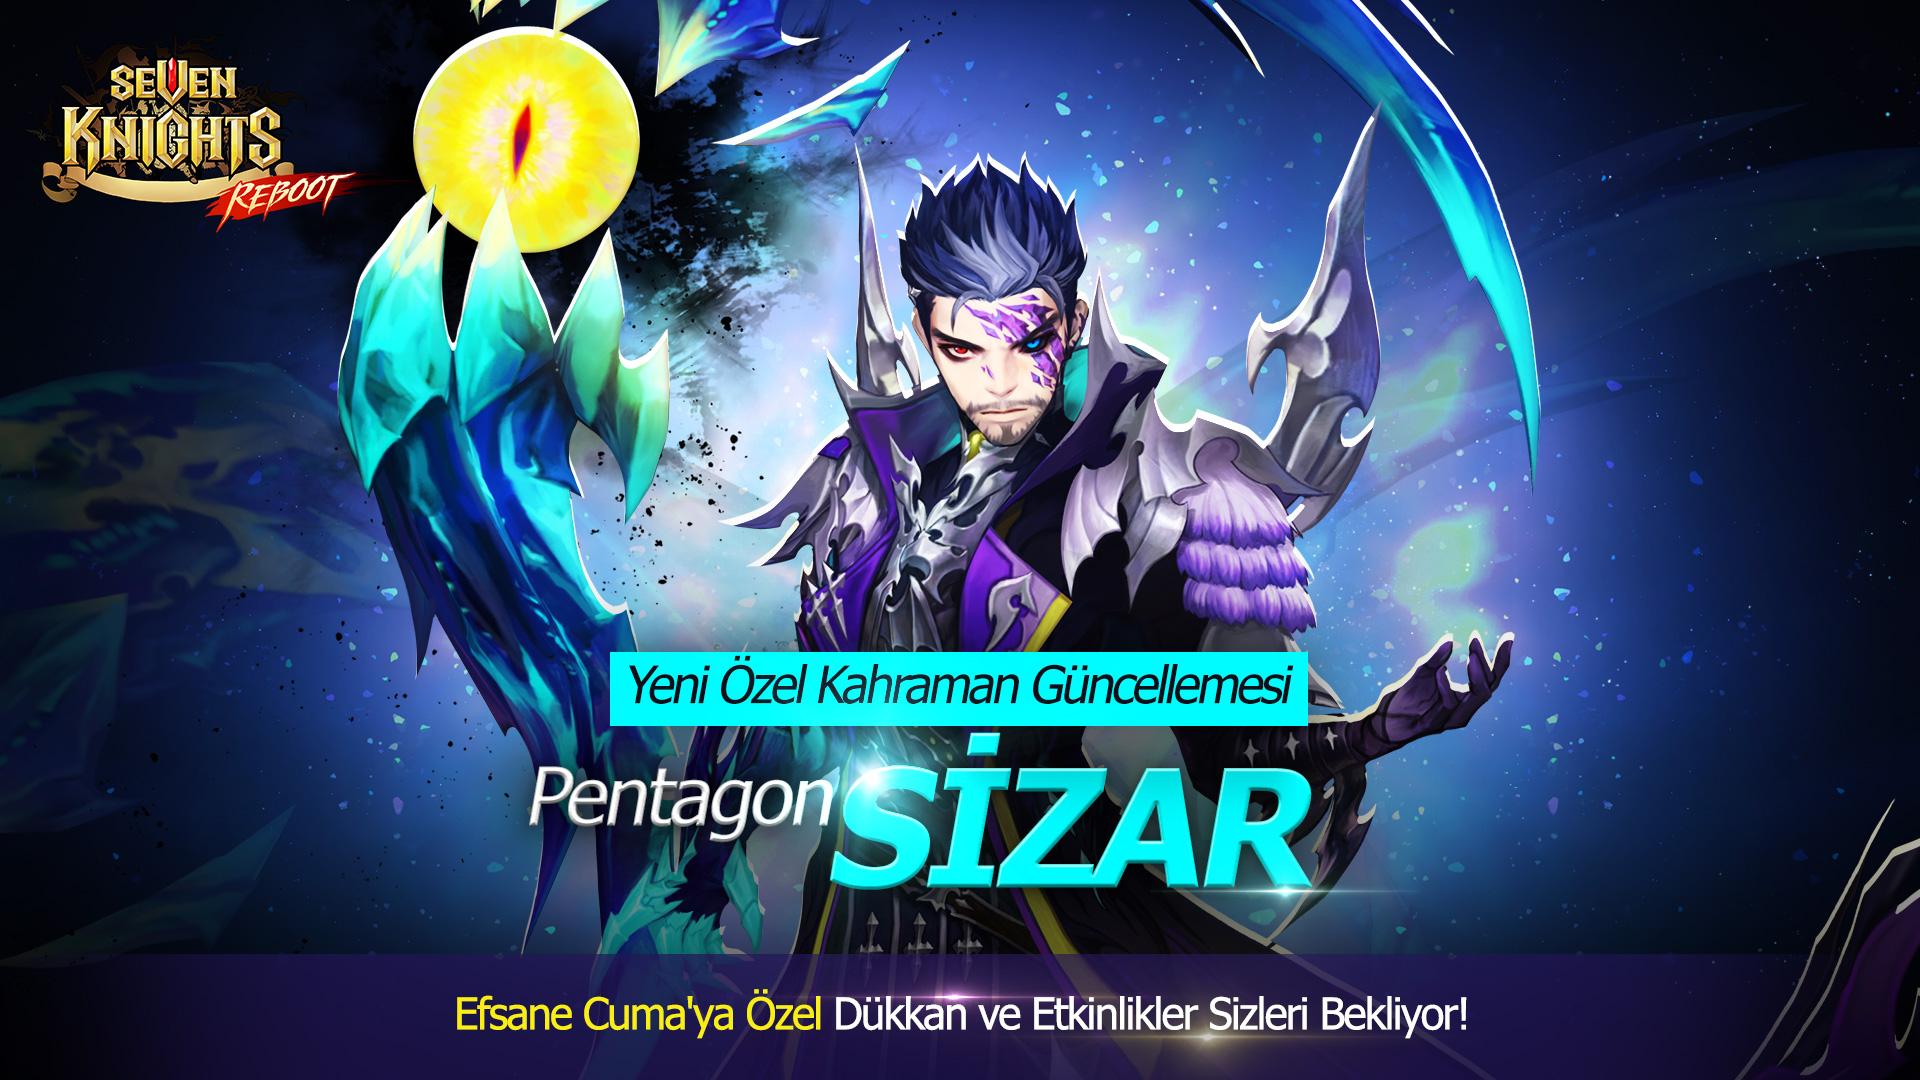 Seven Knights'a yeni özel kahraman 'Sizar' geliyor.